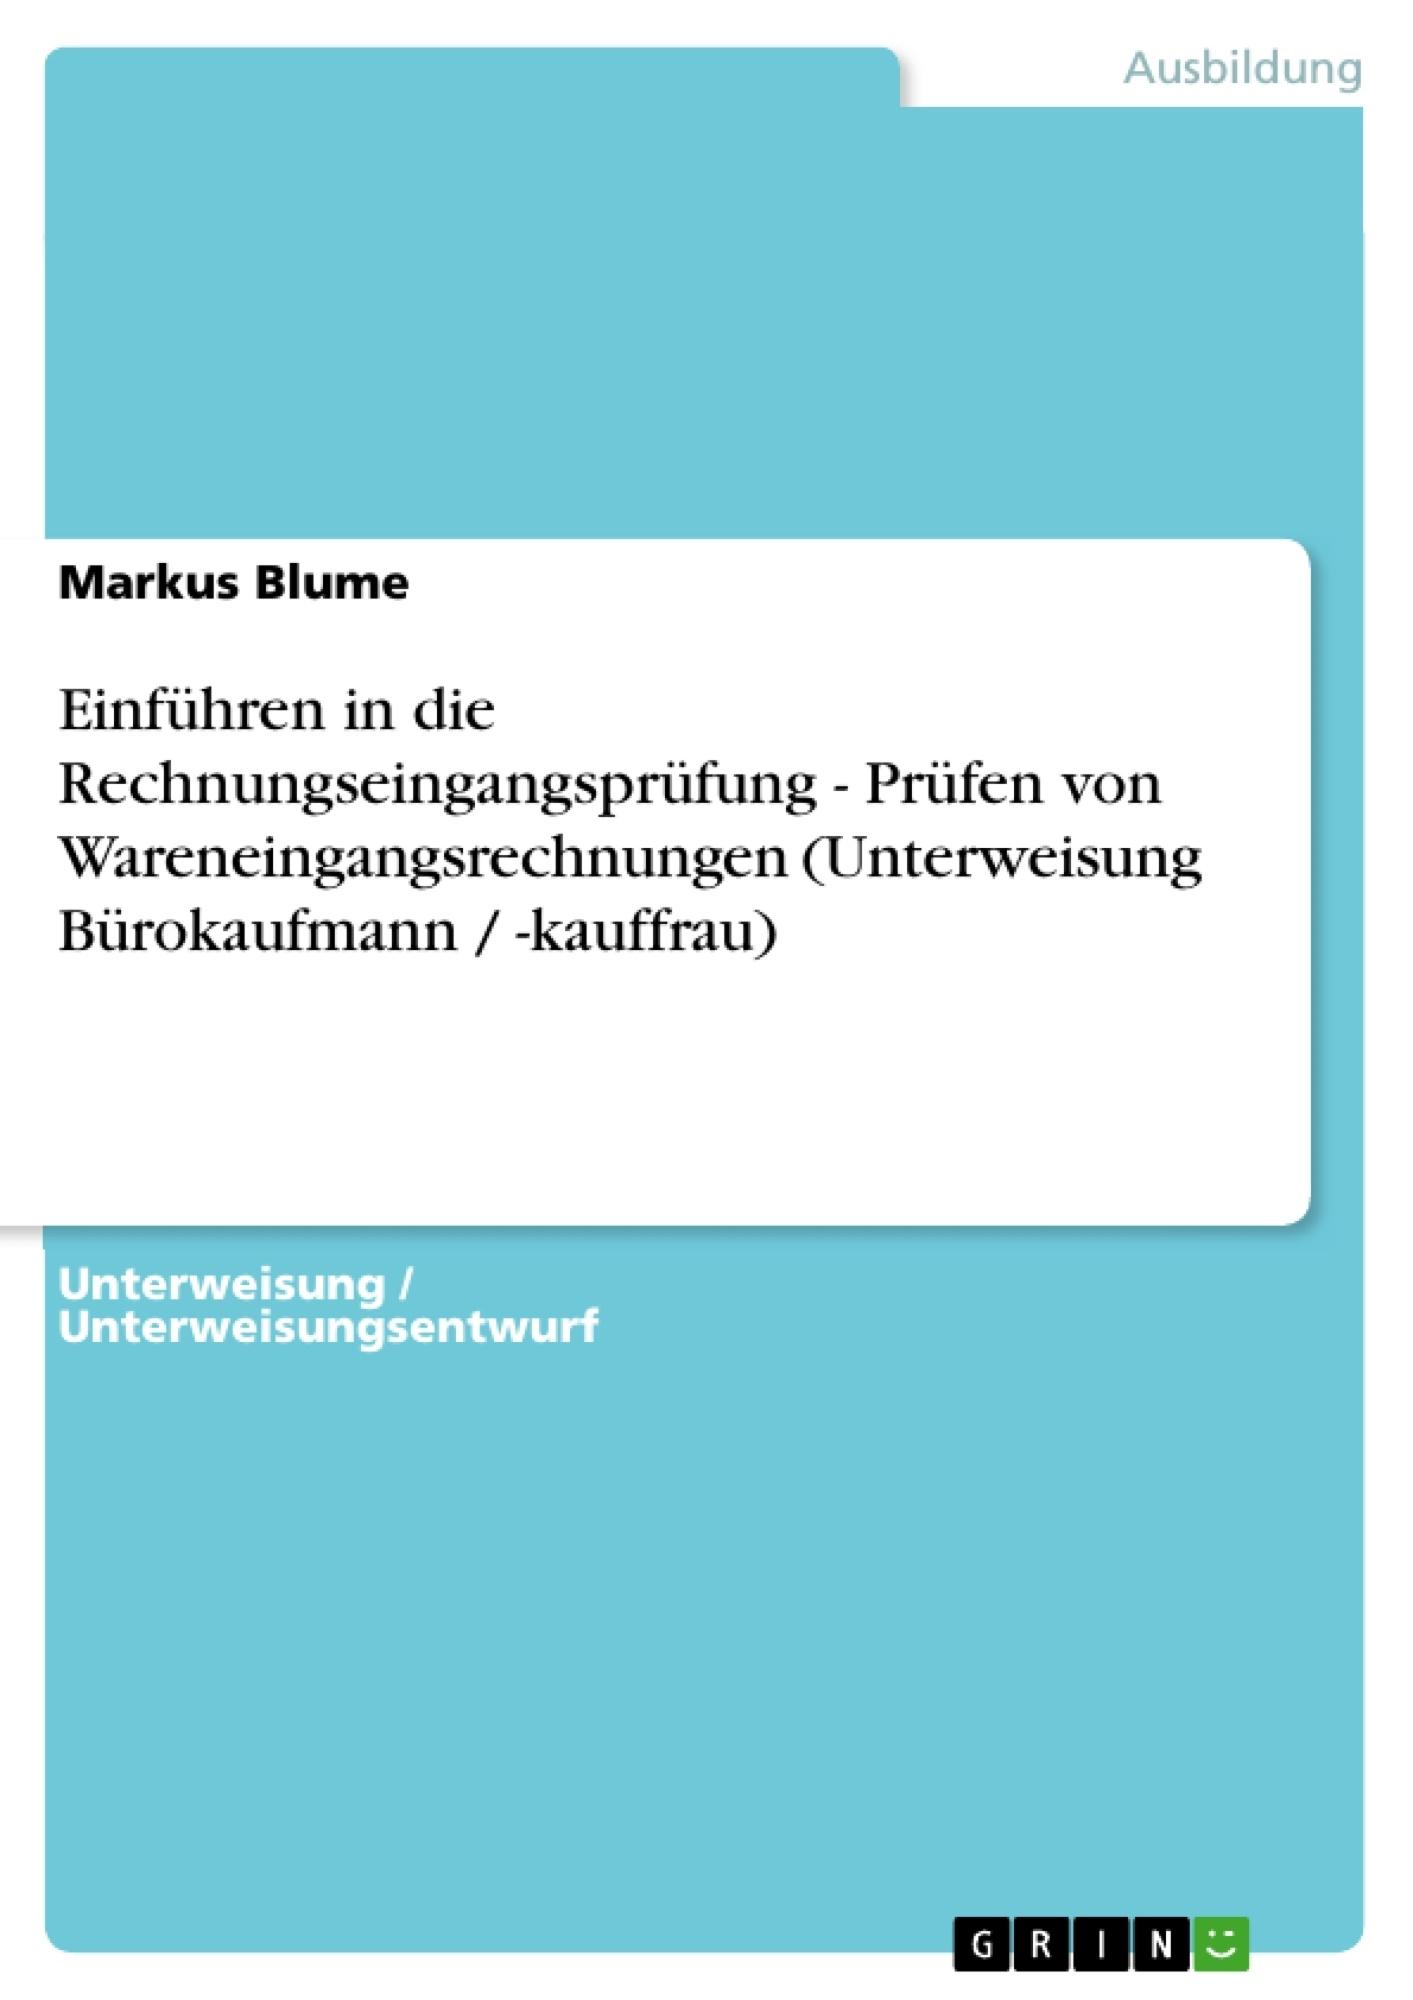 Titel: Einführen in die Rechnungseingangsprüfung - Prüfen von Wareneingangsrechnungen (Unterweisung Bürokaufmann / -kauffrau)